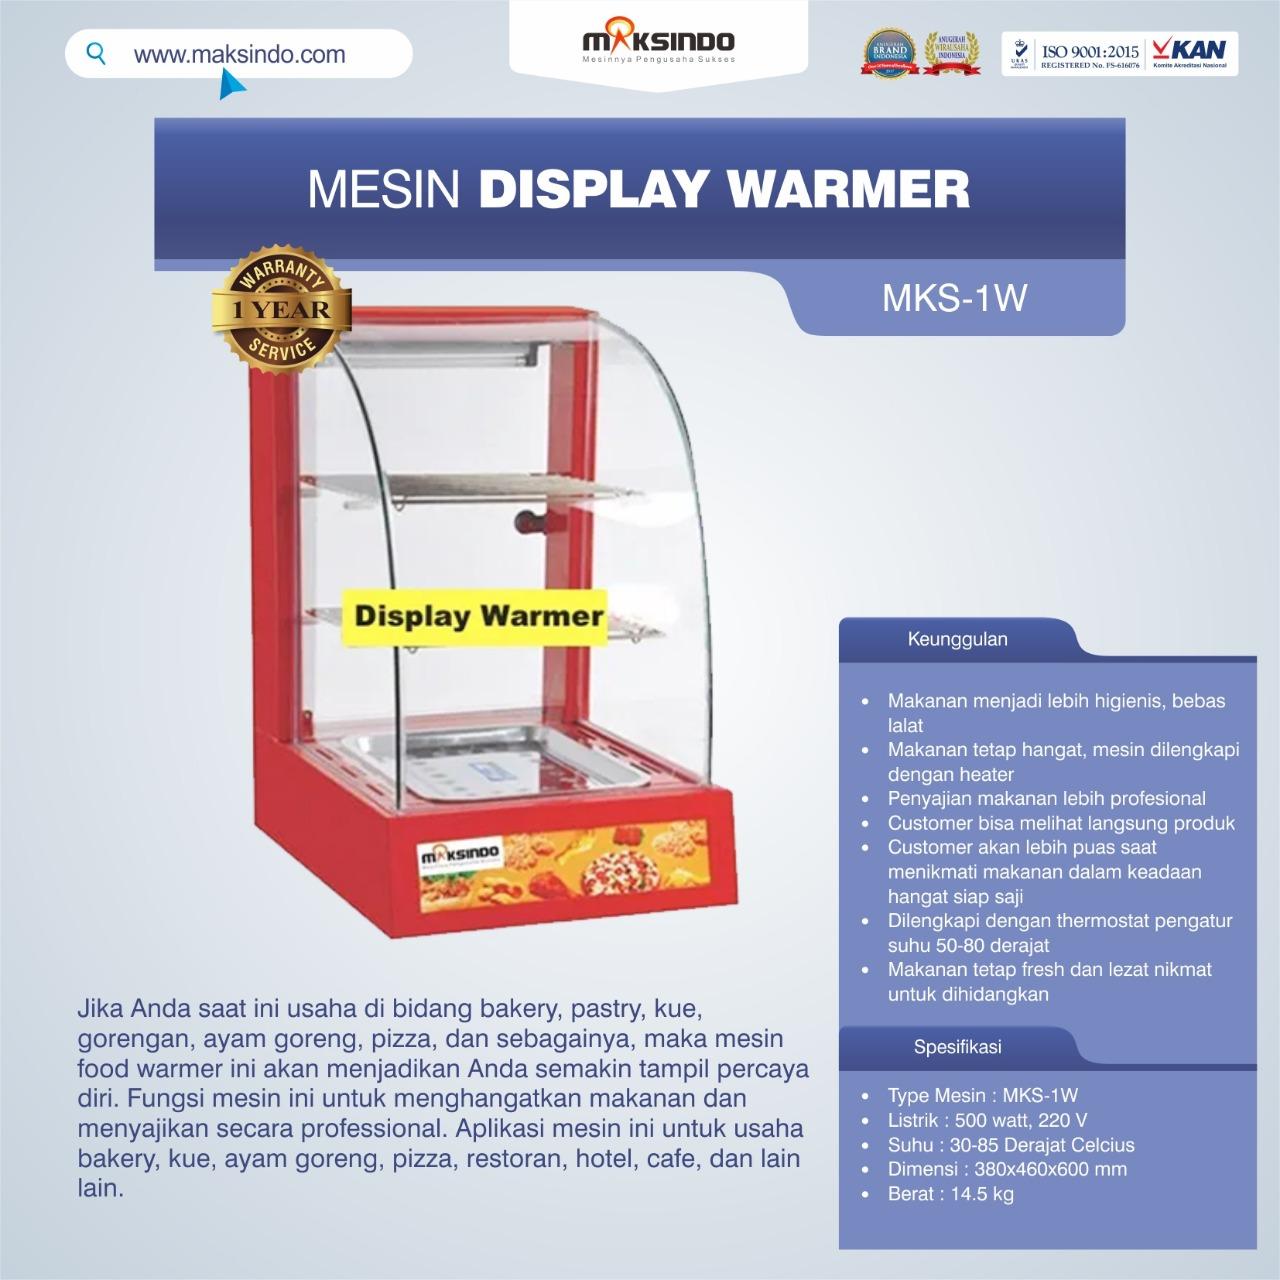 Jual Mesin Diplay Warmer (MKS-1W) di Makassar